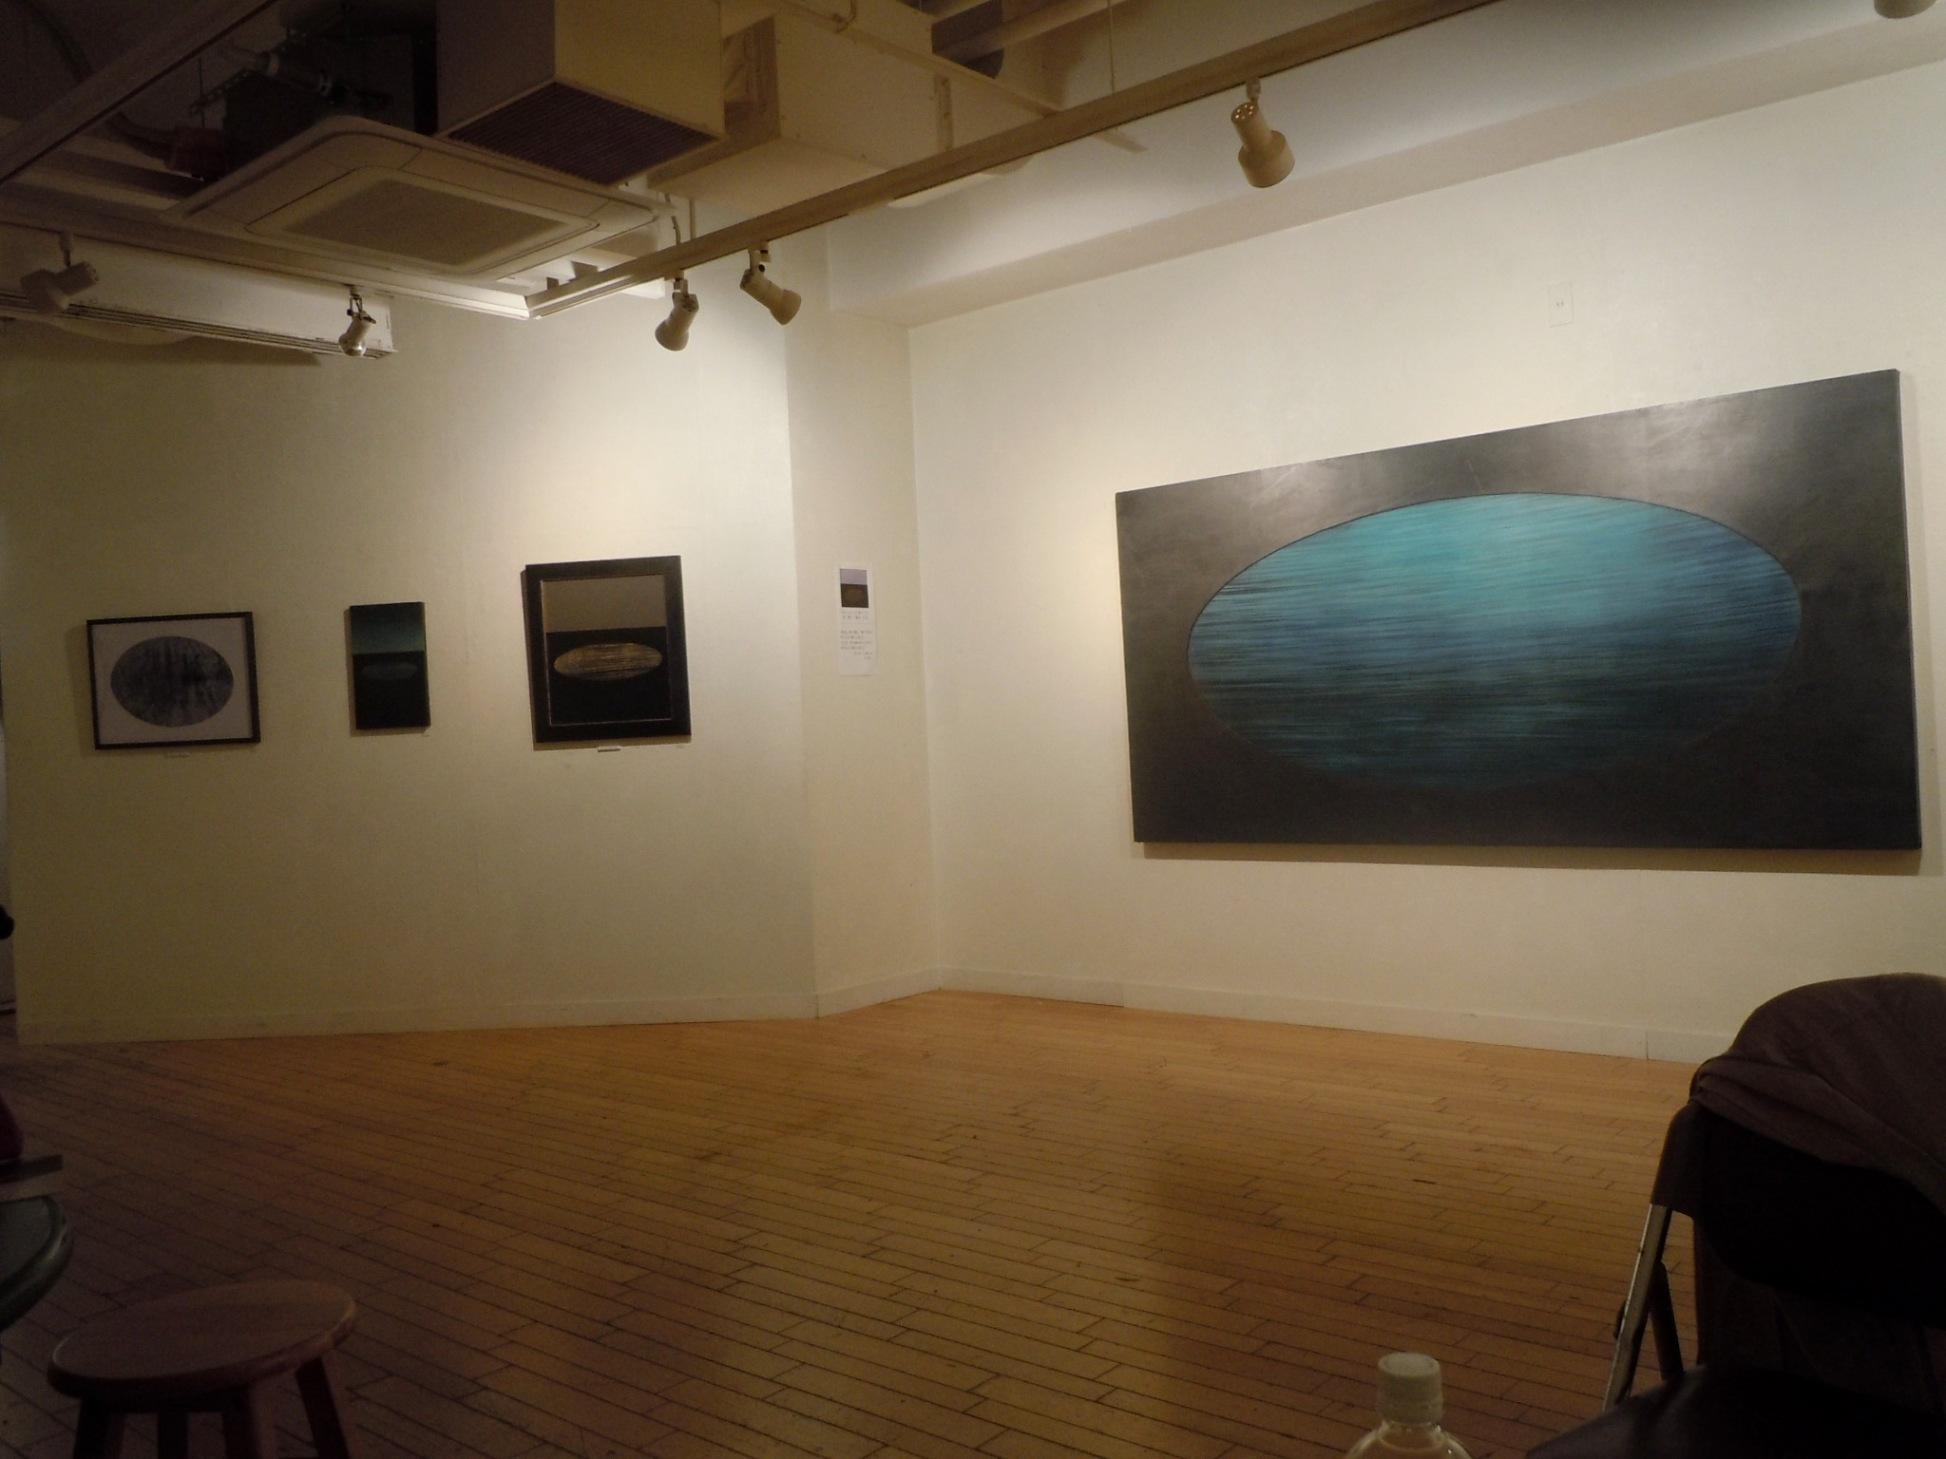 1603) 「林教司・個展 『Water Seed (水の種子) 2011』」 たぴお 10月31日(月)~11月5日(土)  _f0126829_20471629.jpg